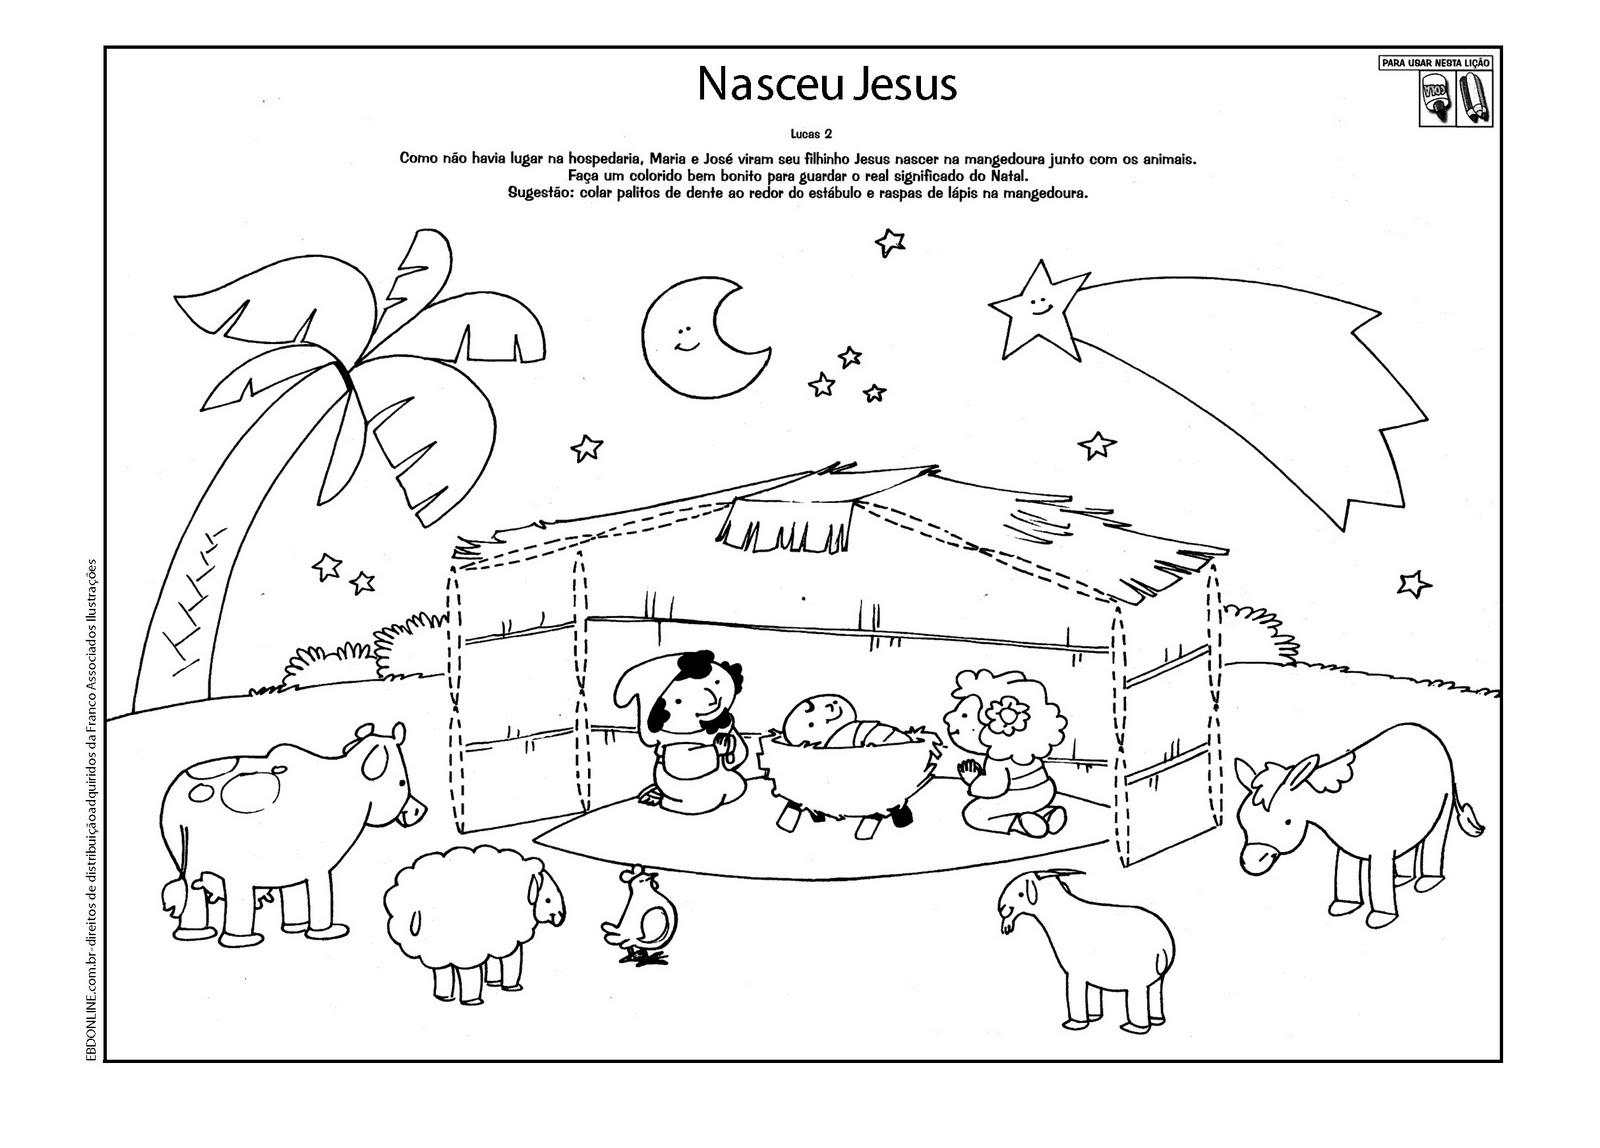 Excepcional NASCIMENTO JESUS - ATIVIDADES | ´¯`··._.·Blog da Tia Alê ML56